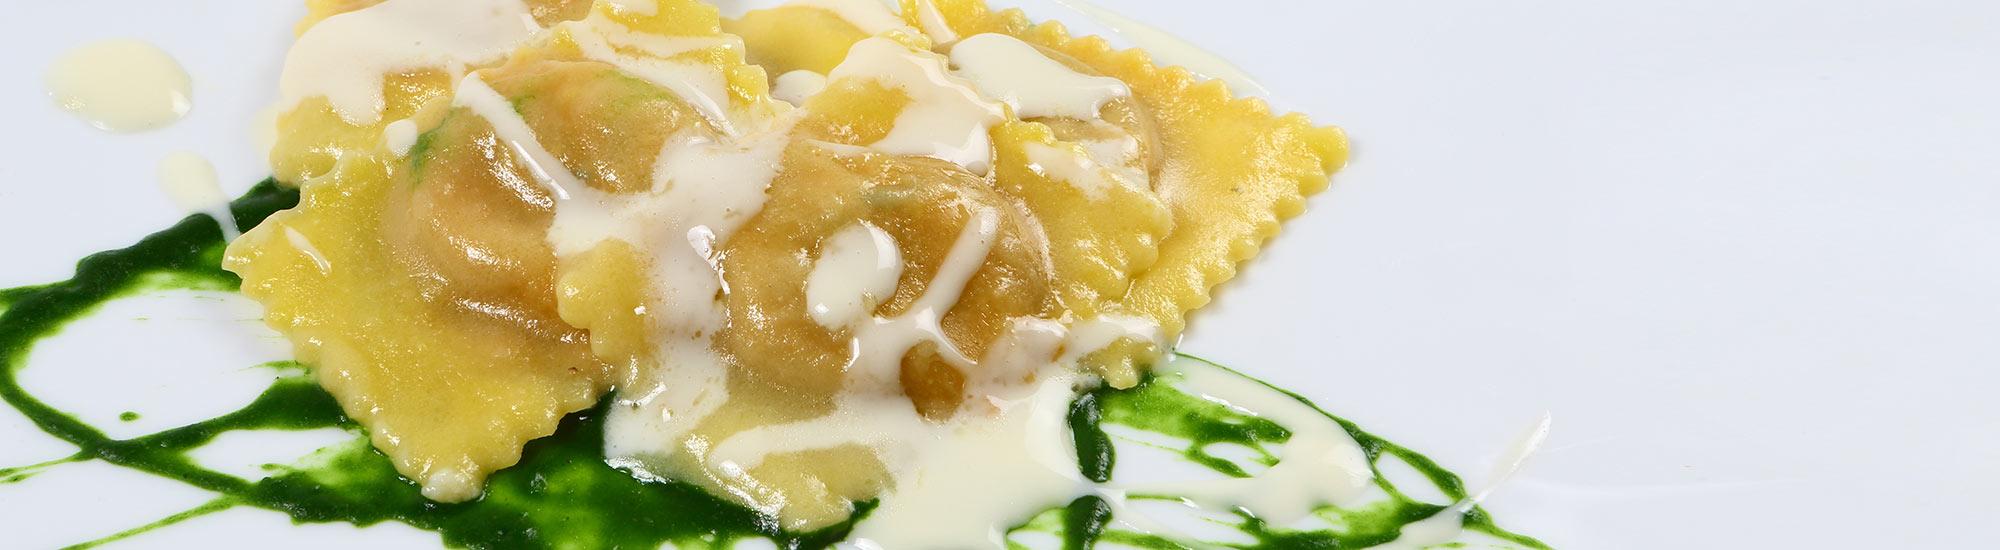 ricetta Ravioloni con crema di topinambur e pesto con pasta fresca